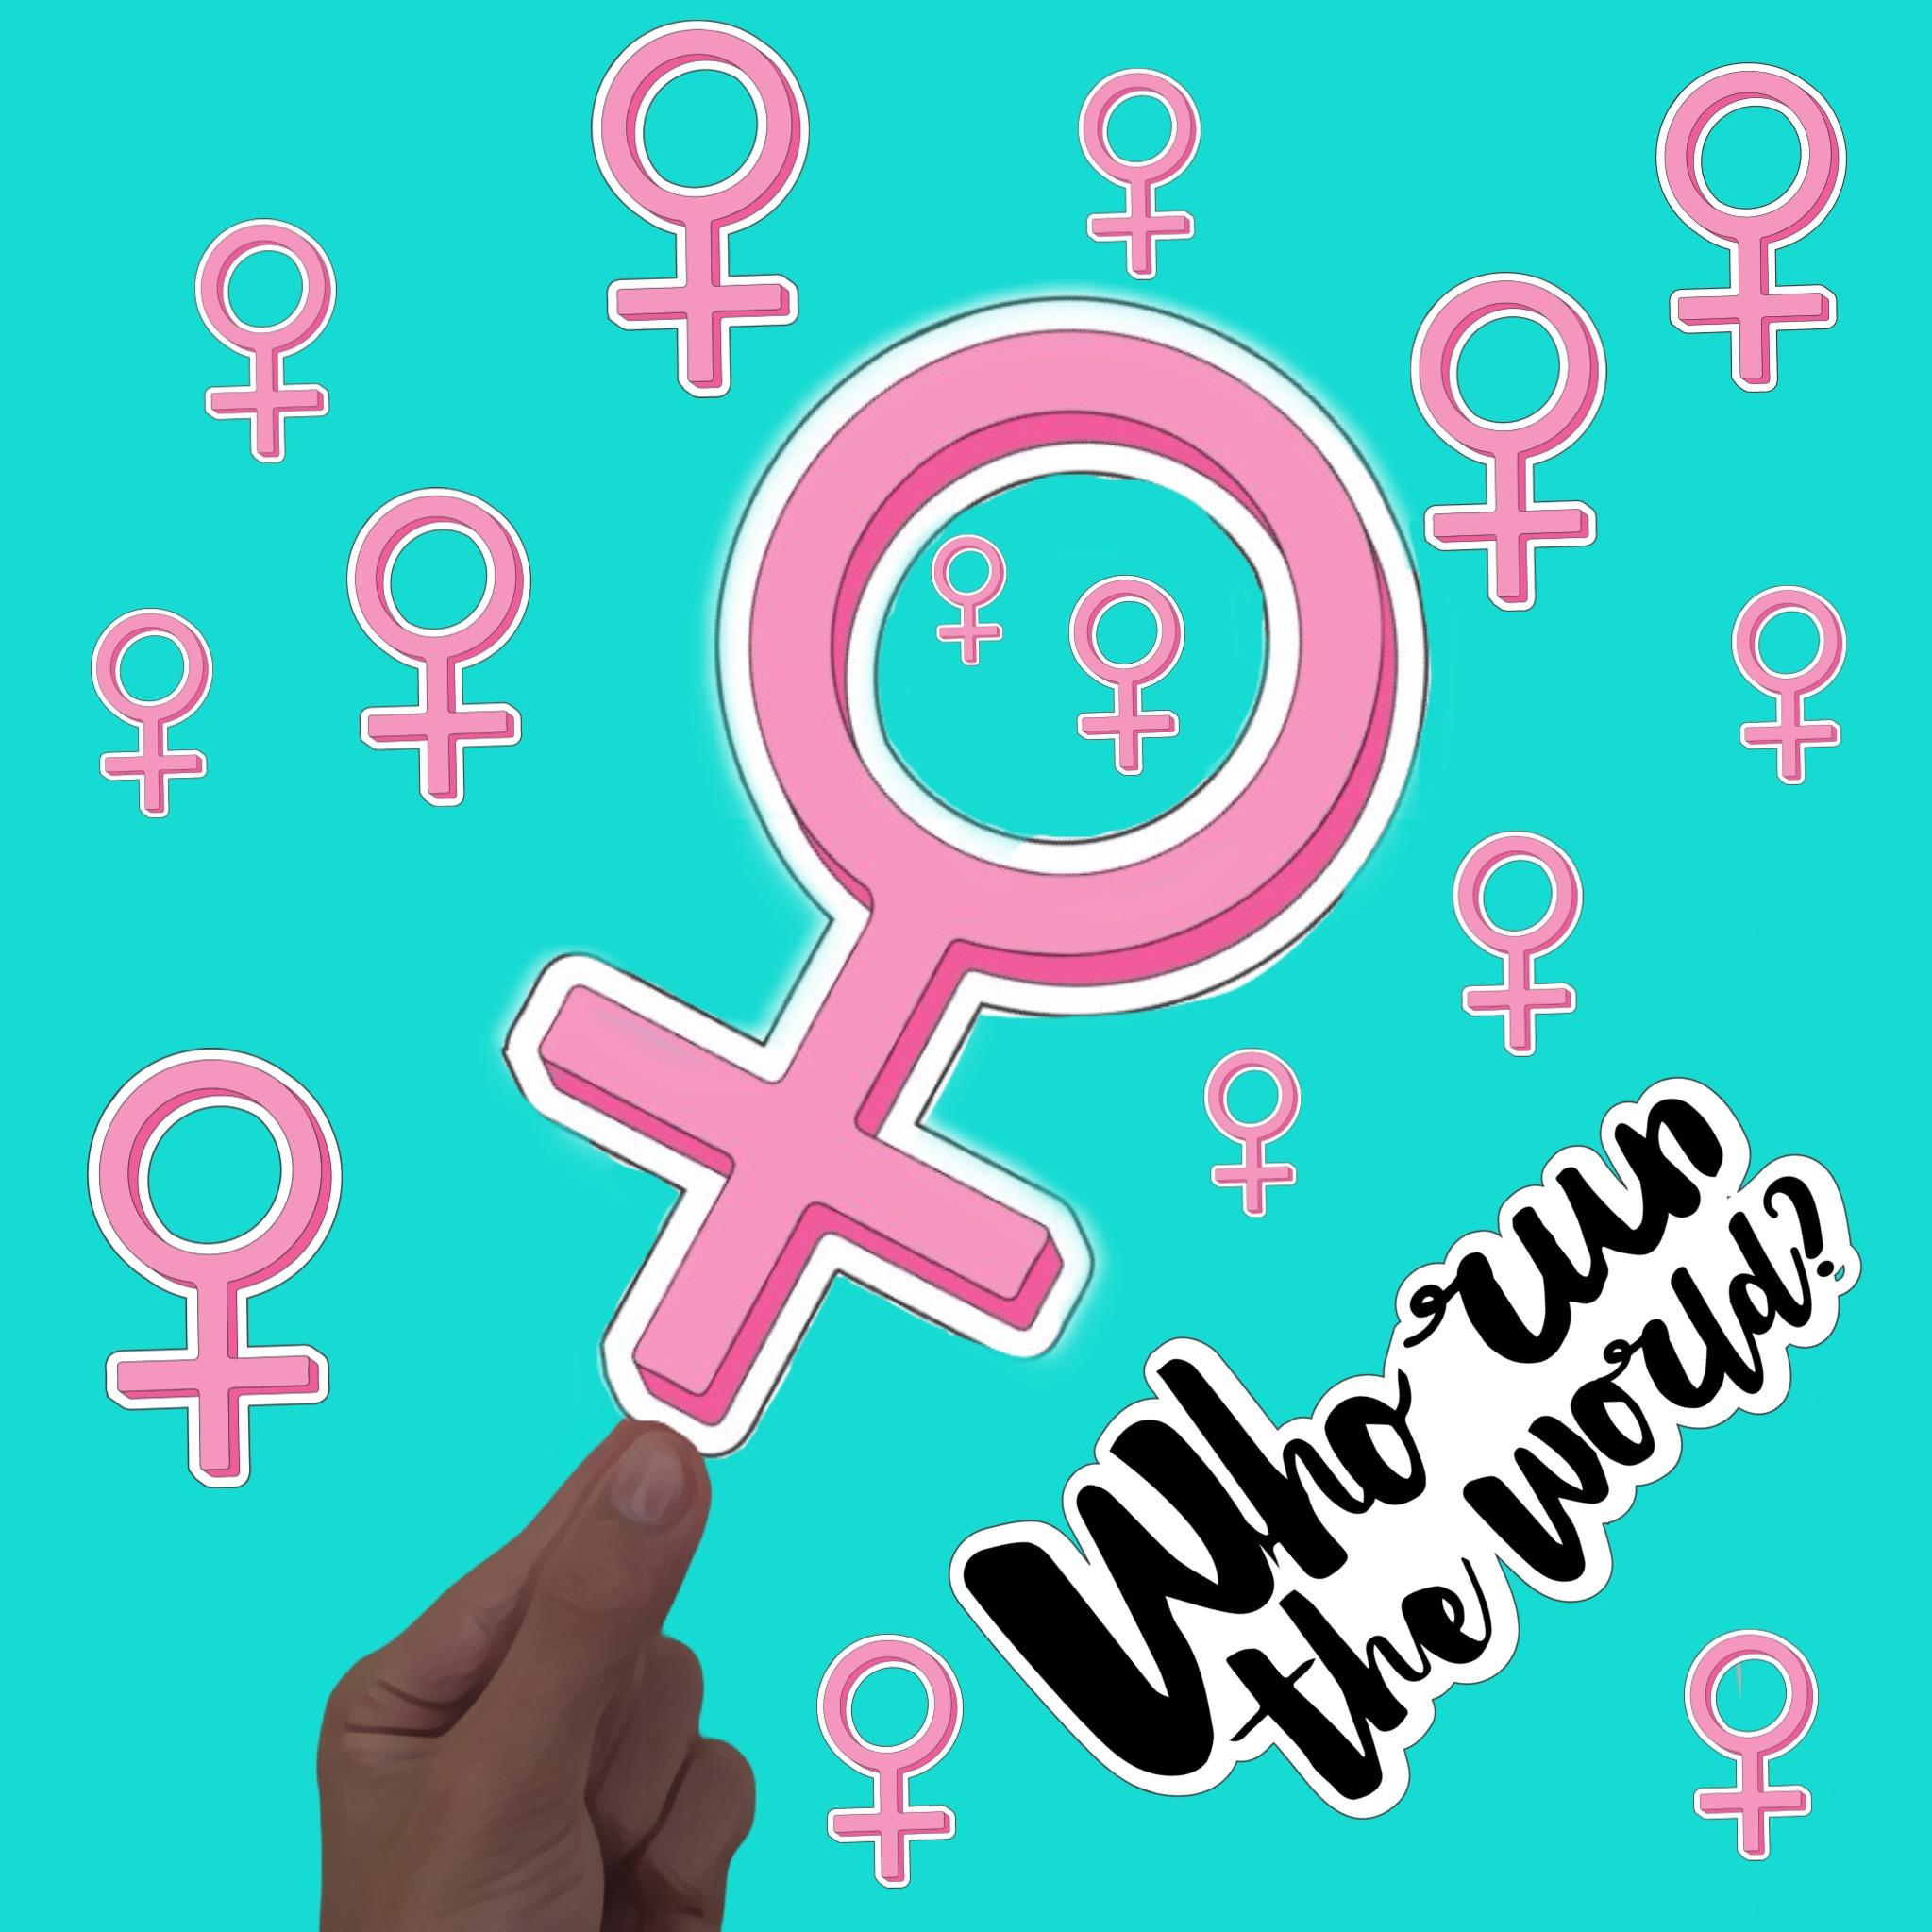 #FreeToEdit #womensday #remix #girlpower #whoruntheworld #internationalwomensday #art #interesting #edited #edit #myedit #womensymbol